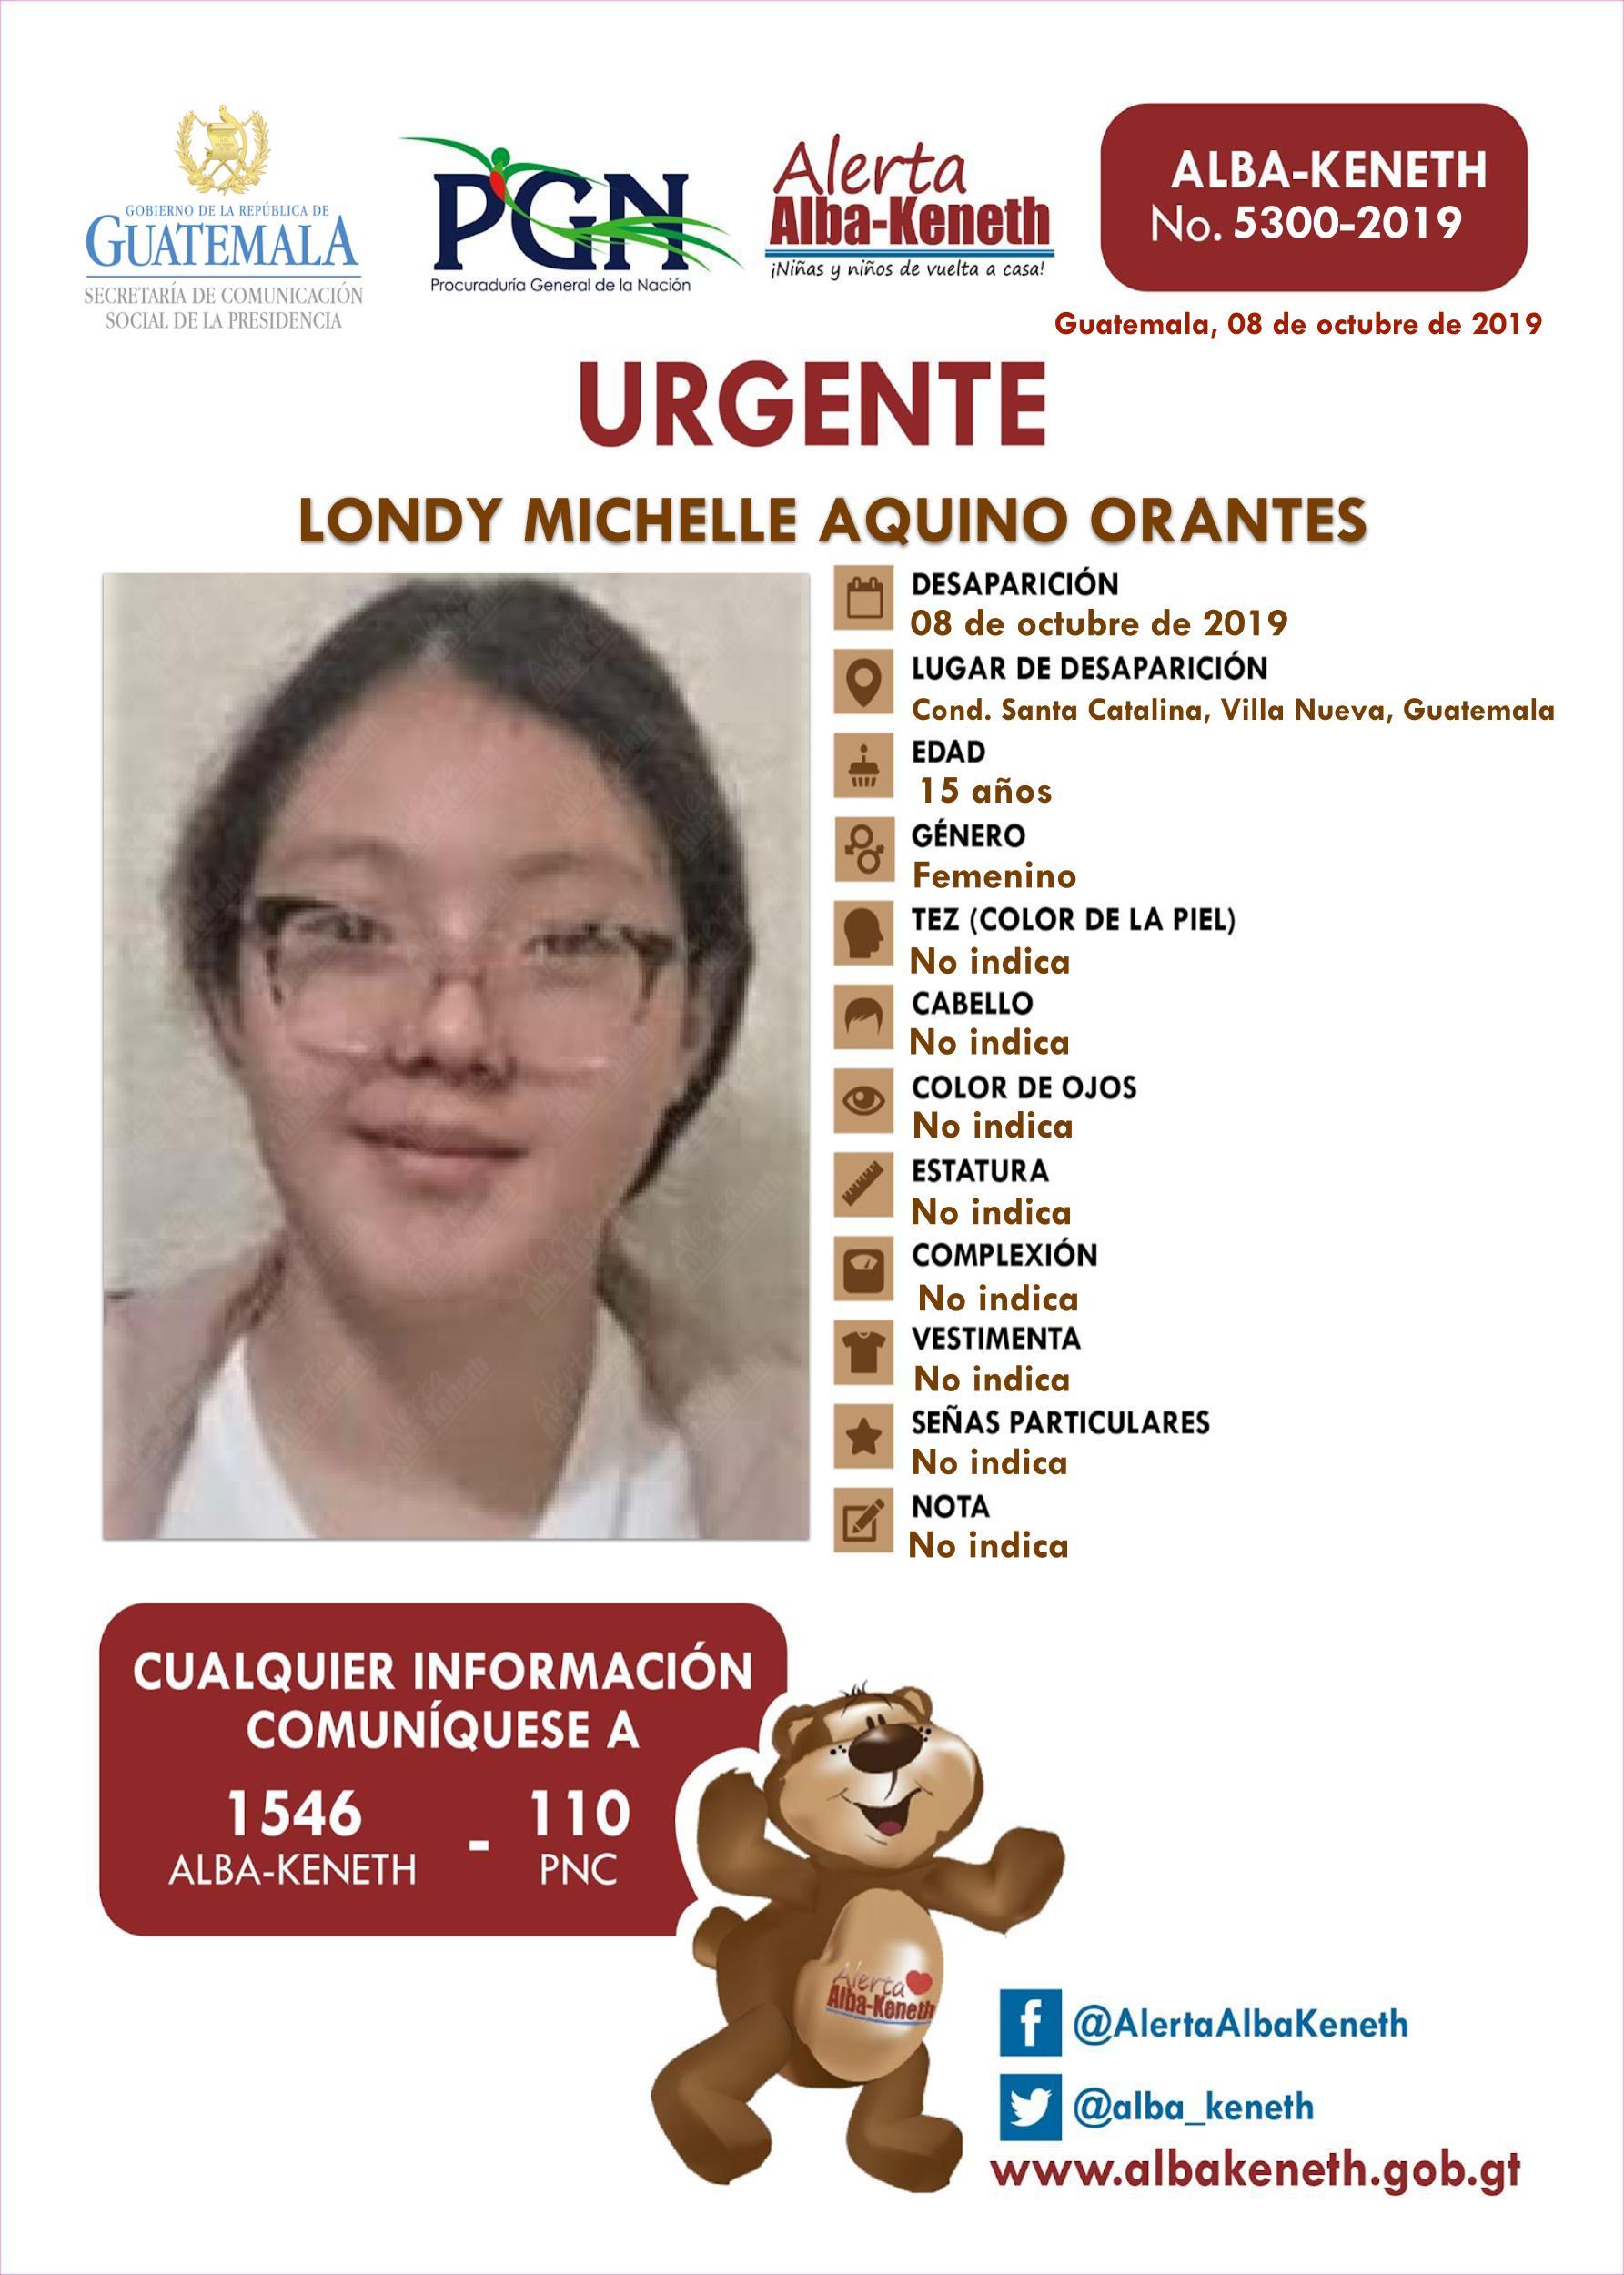 Londy Michelle Aquino Orantes